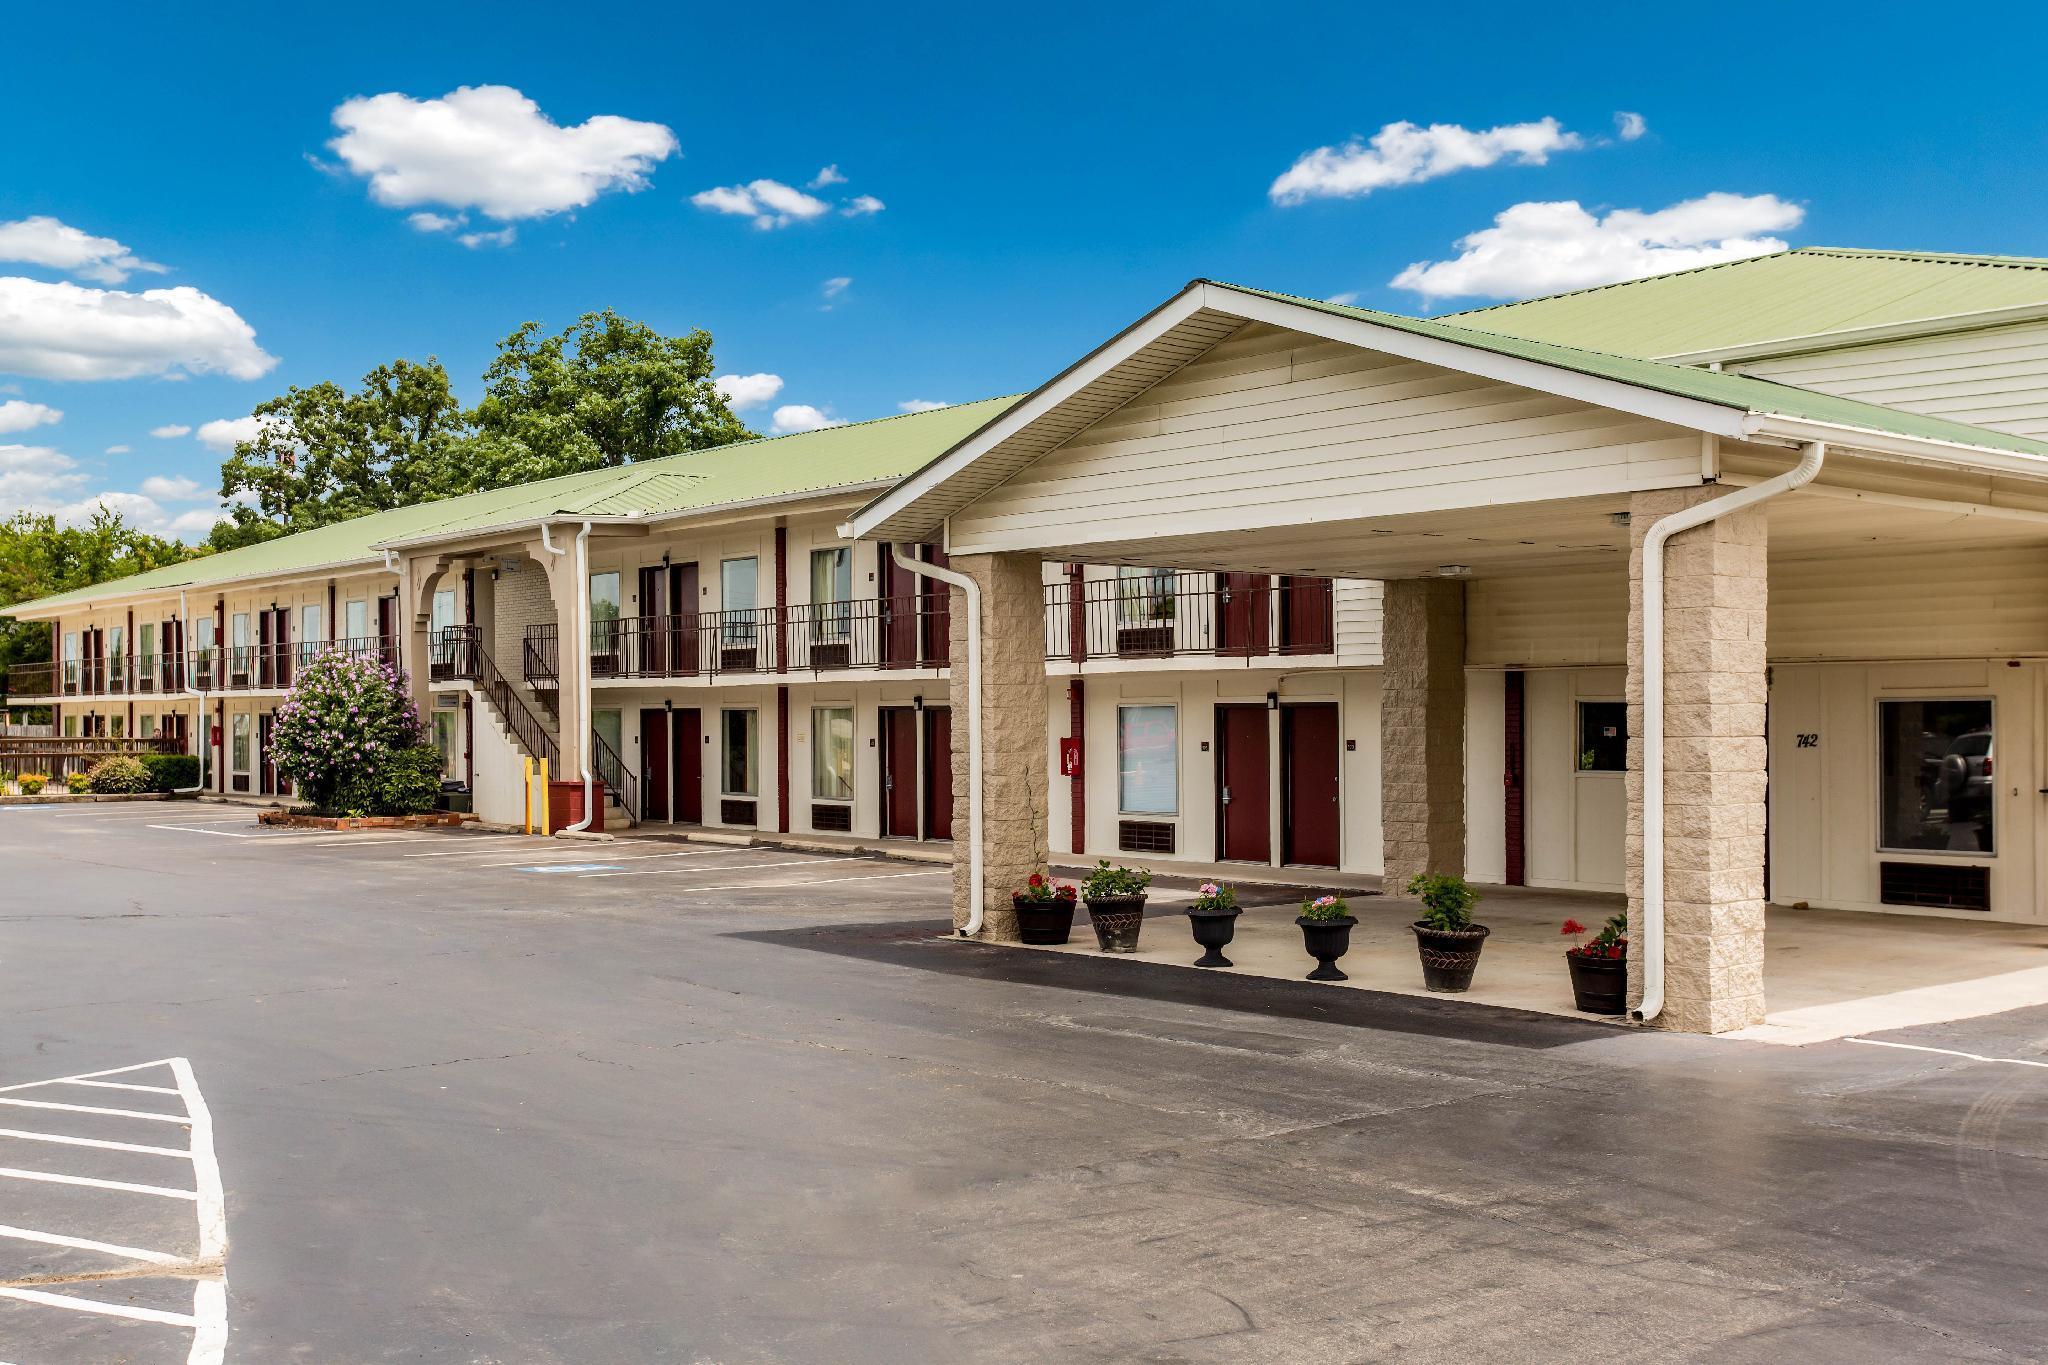 Red Roof Inn Monteagle   I 24